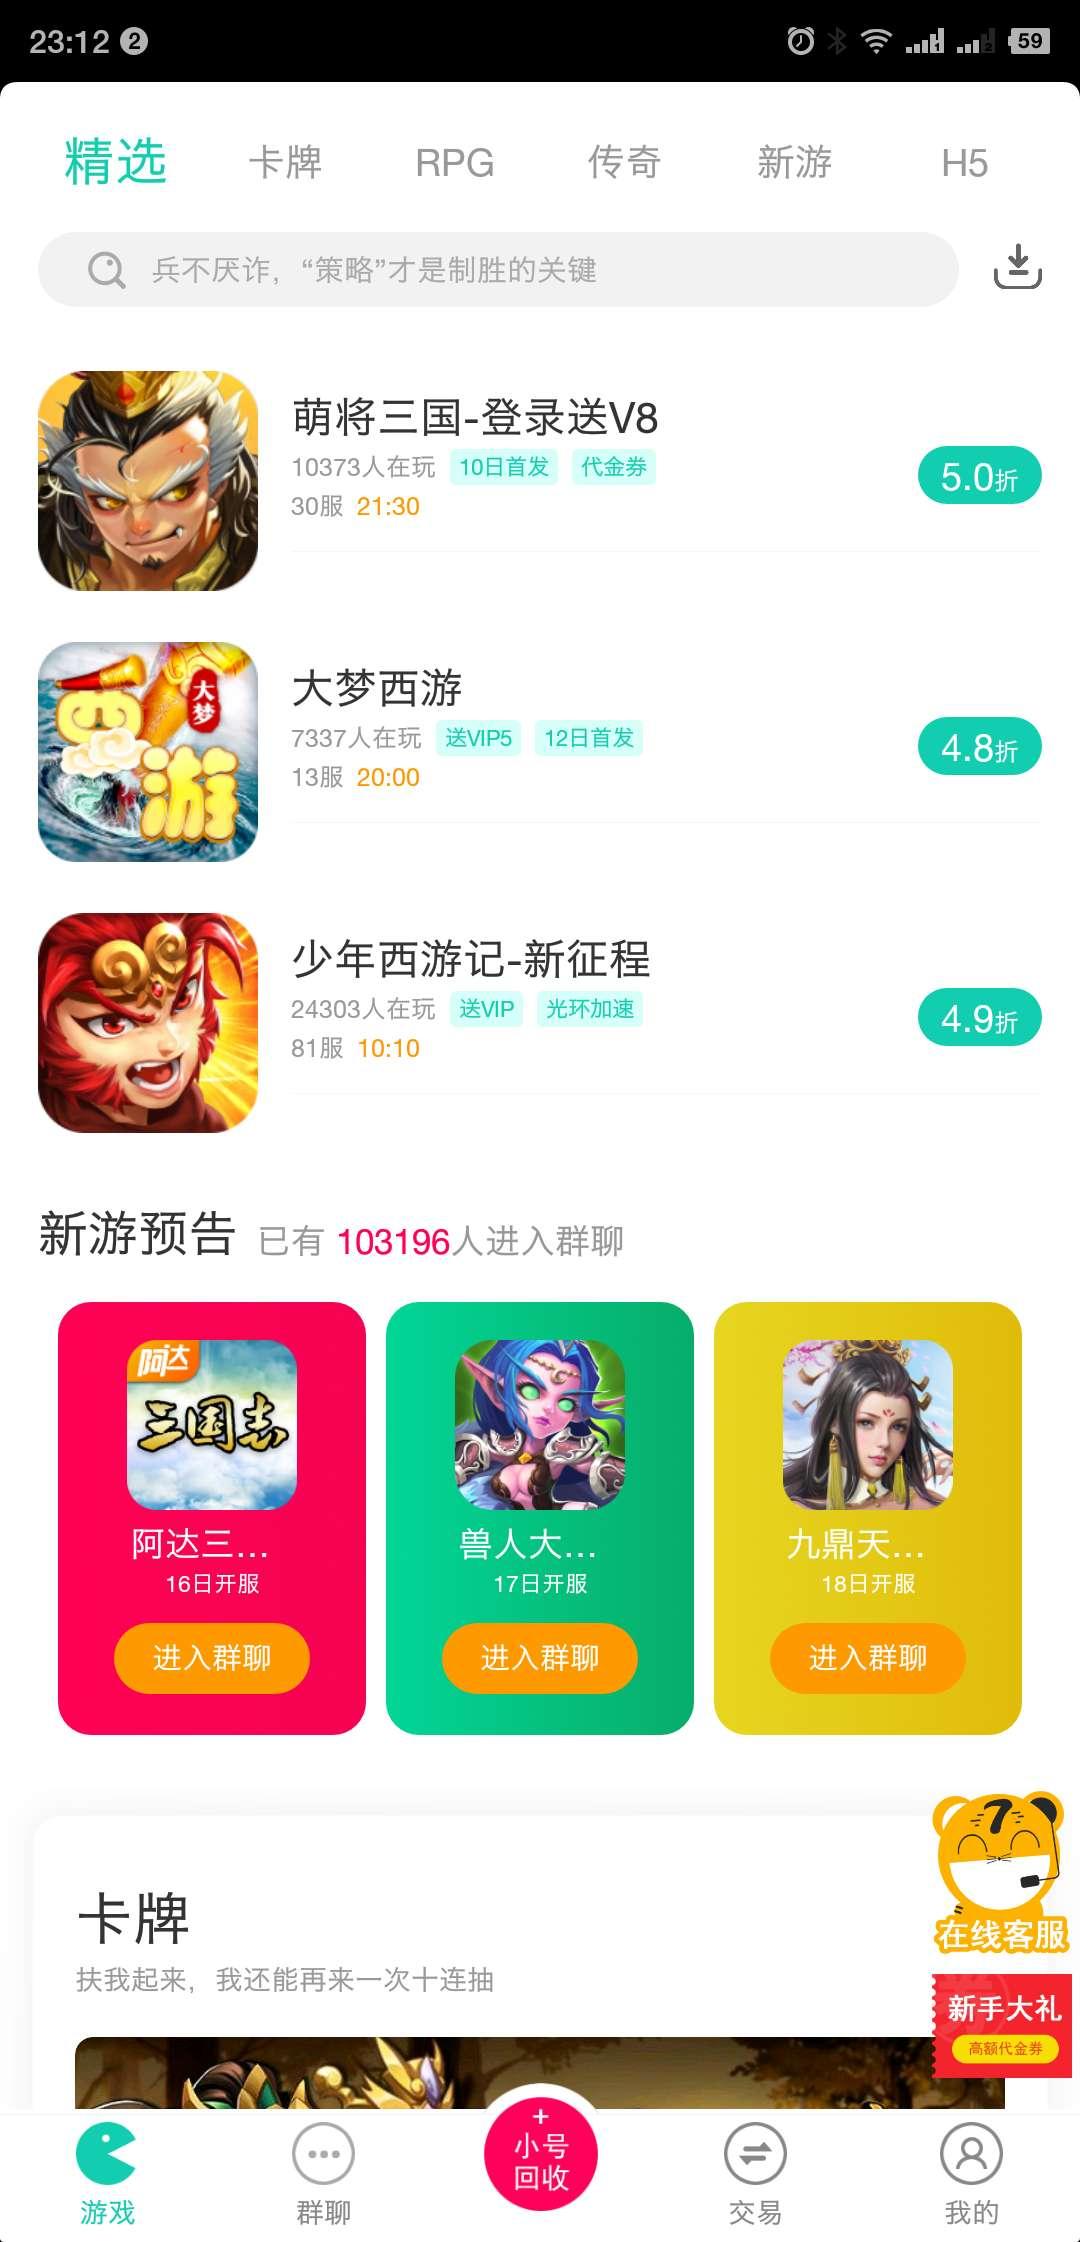 2019年返利网排行榜_2019年淘宝返利APP排行榜 iOS版